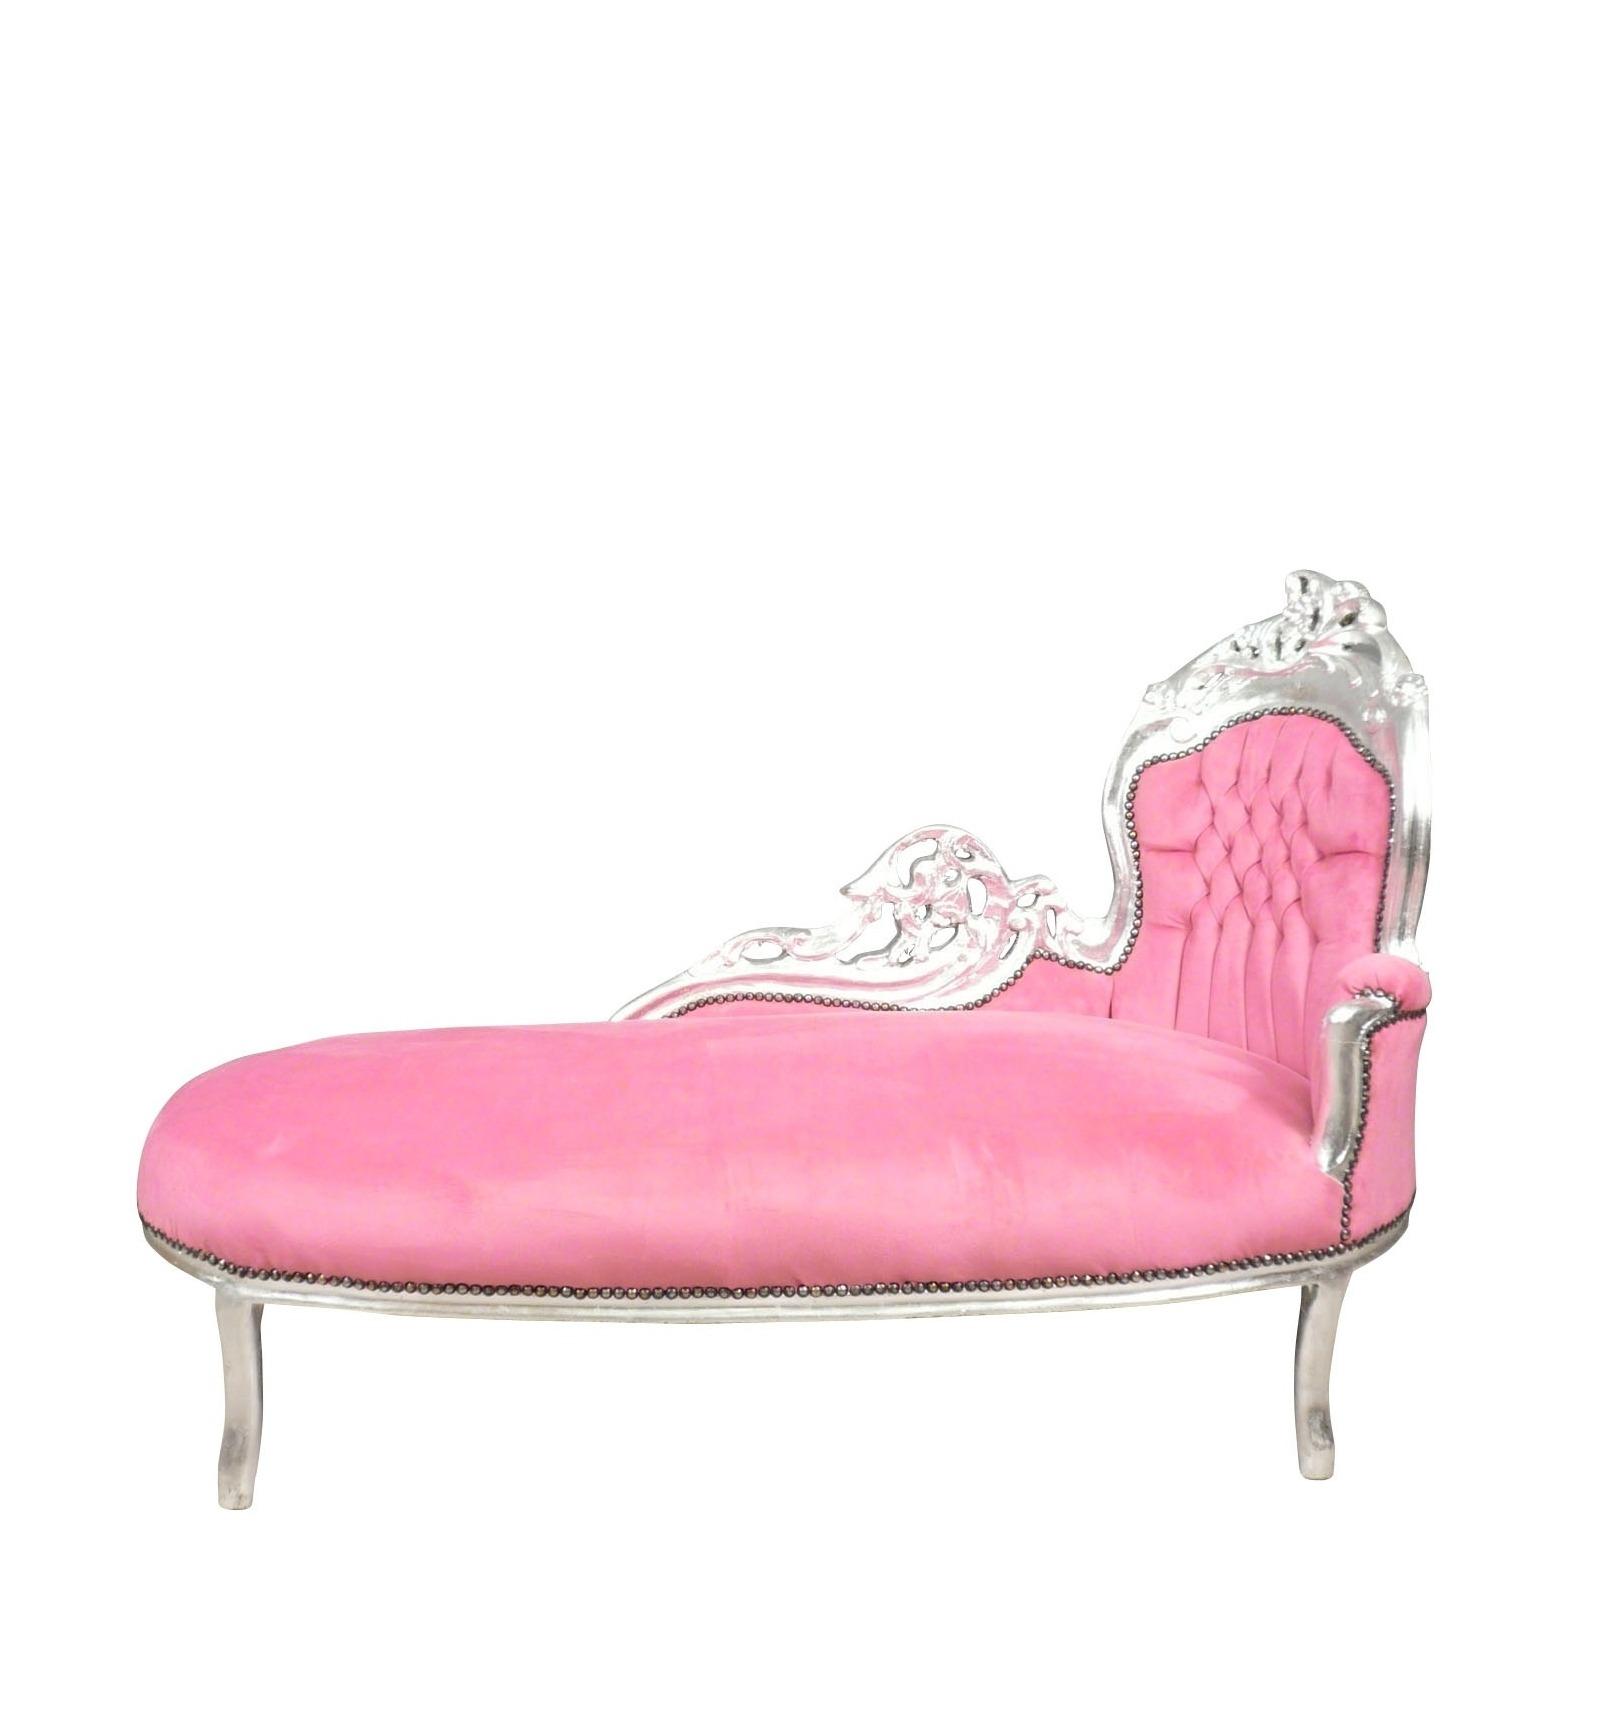 Mooi Barok Bankje.Chaise Lounge Barok Roze En Zilver